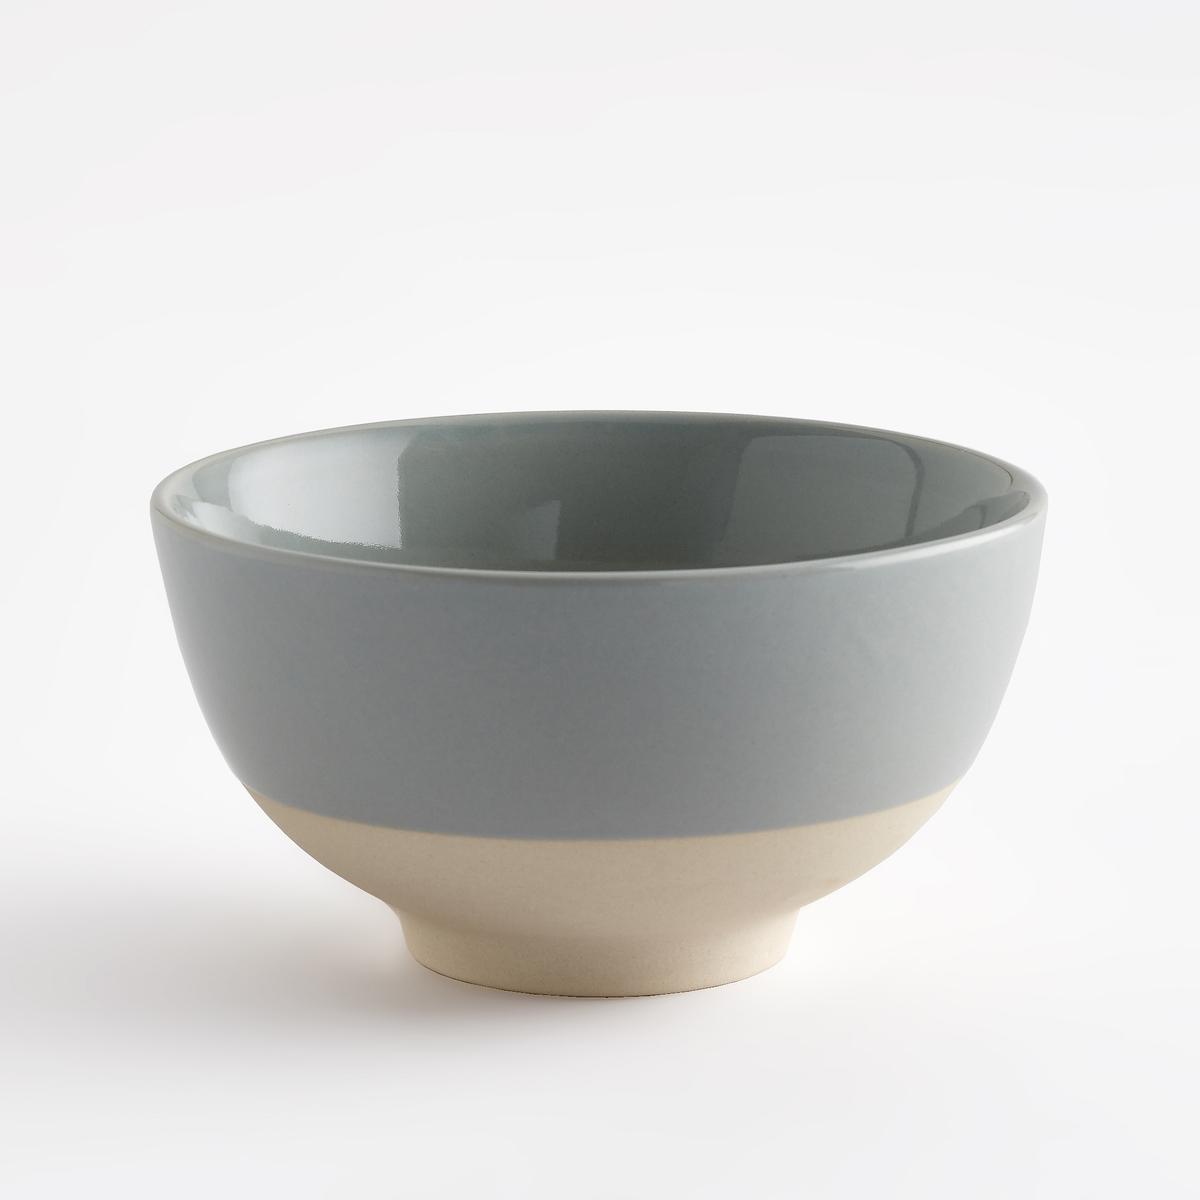 Комплект из 4 двухцветных мисок из керамики, WarotaМиски Warota отличаются строгим и аутентичным дизайном и контрастной двухцветной расцветкой, что обеспечивает сочетание с любым стилем внутреннего декора. Характеристики 4 двухцветных мисок из керамики Warota :Керамика.Дно из матовой керамики без глазури.Размеры 4 двухцветных мисок из керамики Warota :Диаметр. 13,5 x Высота 7,5 см.Цвета 4 двухцветных мисок из керамики Warota :Керамика без глазури / розовый.Керамика без глазури / синий.Другие миски и предметы декора стола вы можете найти на сайте laredoute.ru<br><br>Цвет: розовая пудра,синий